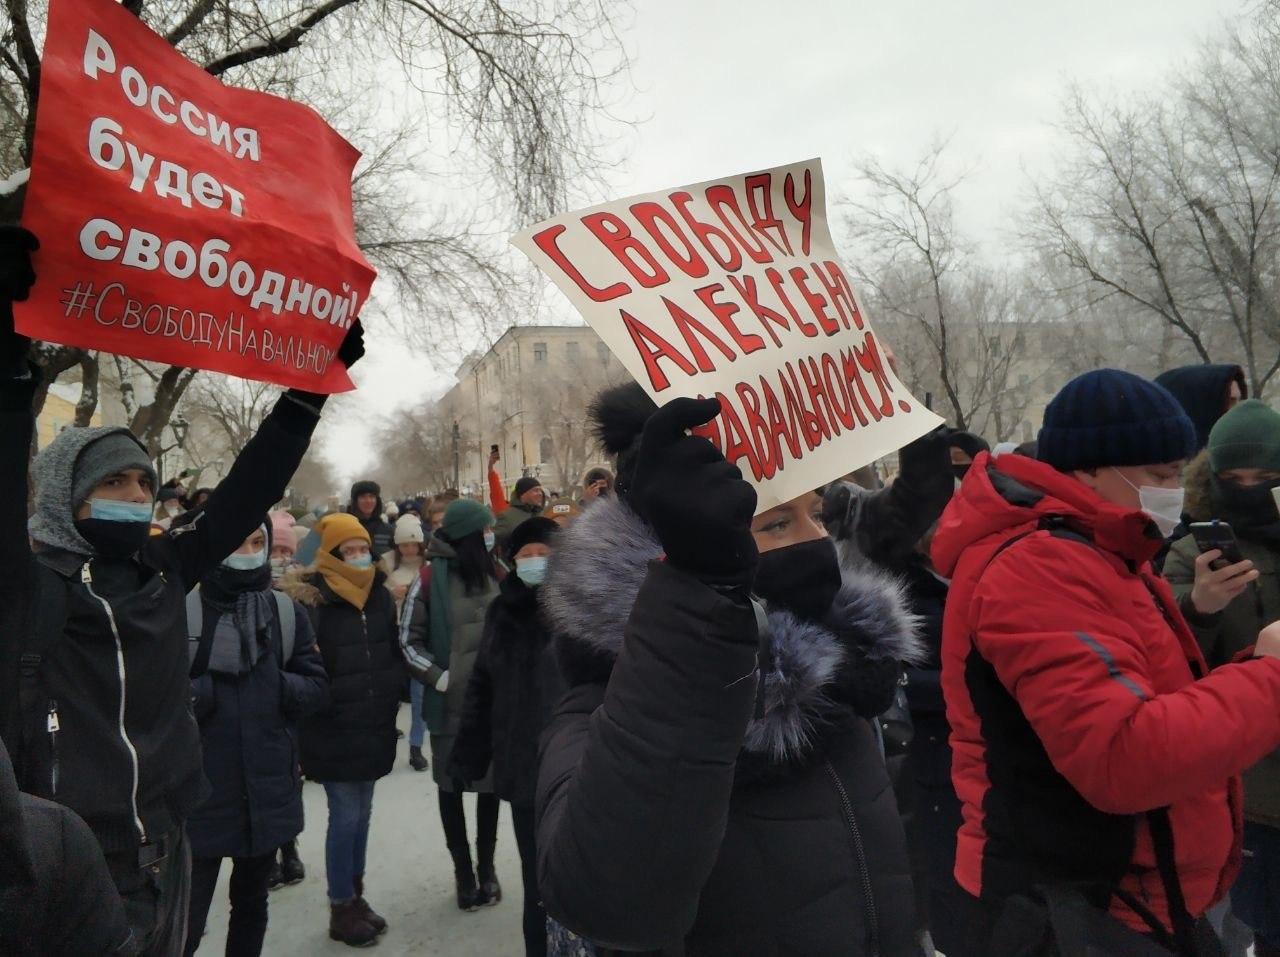 20 тысяч. Оренбурженку оштрафовали за призыв прийти на митинг